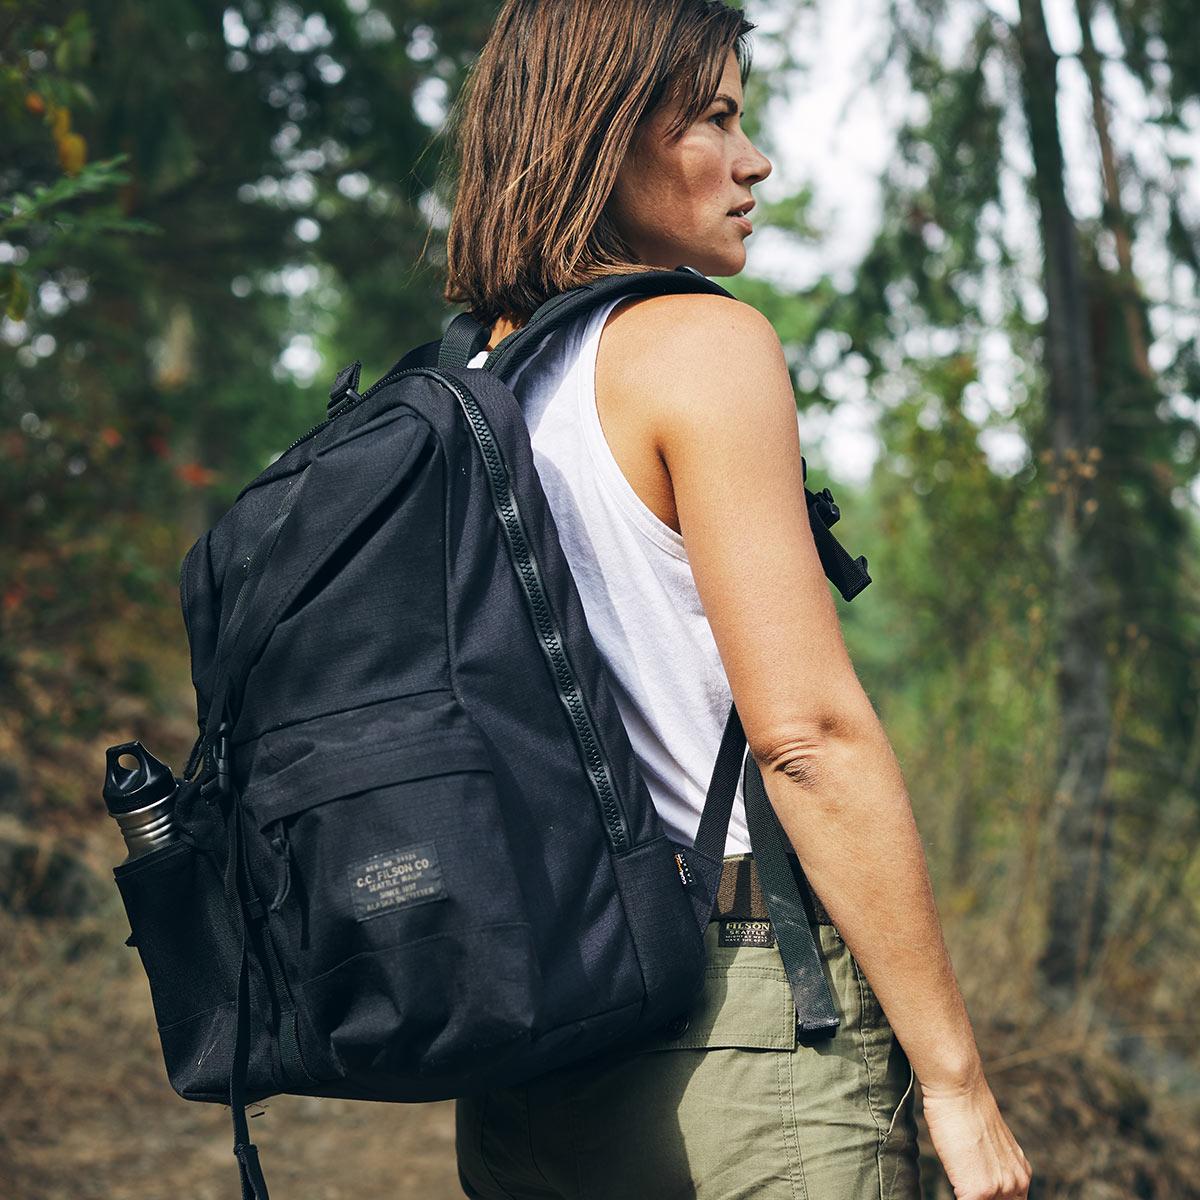 Filson Ripstop Backpack Black, Lichtgewicht en stoer, ontworpen voor comfort op lange tochten